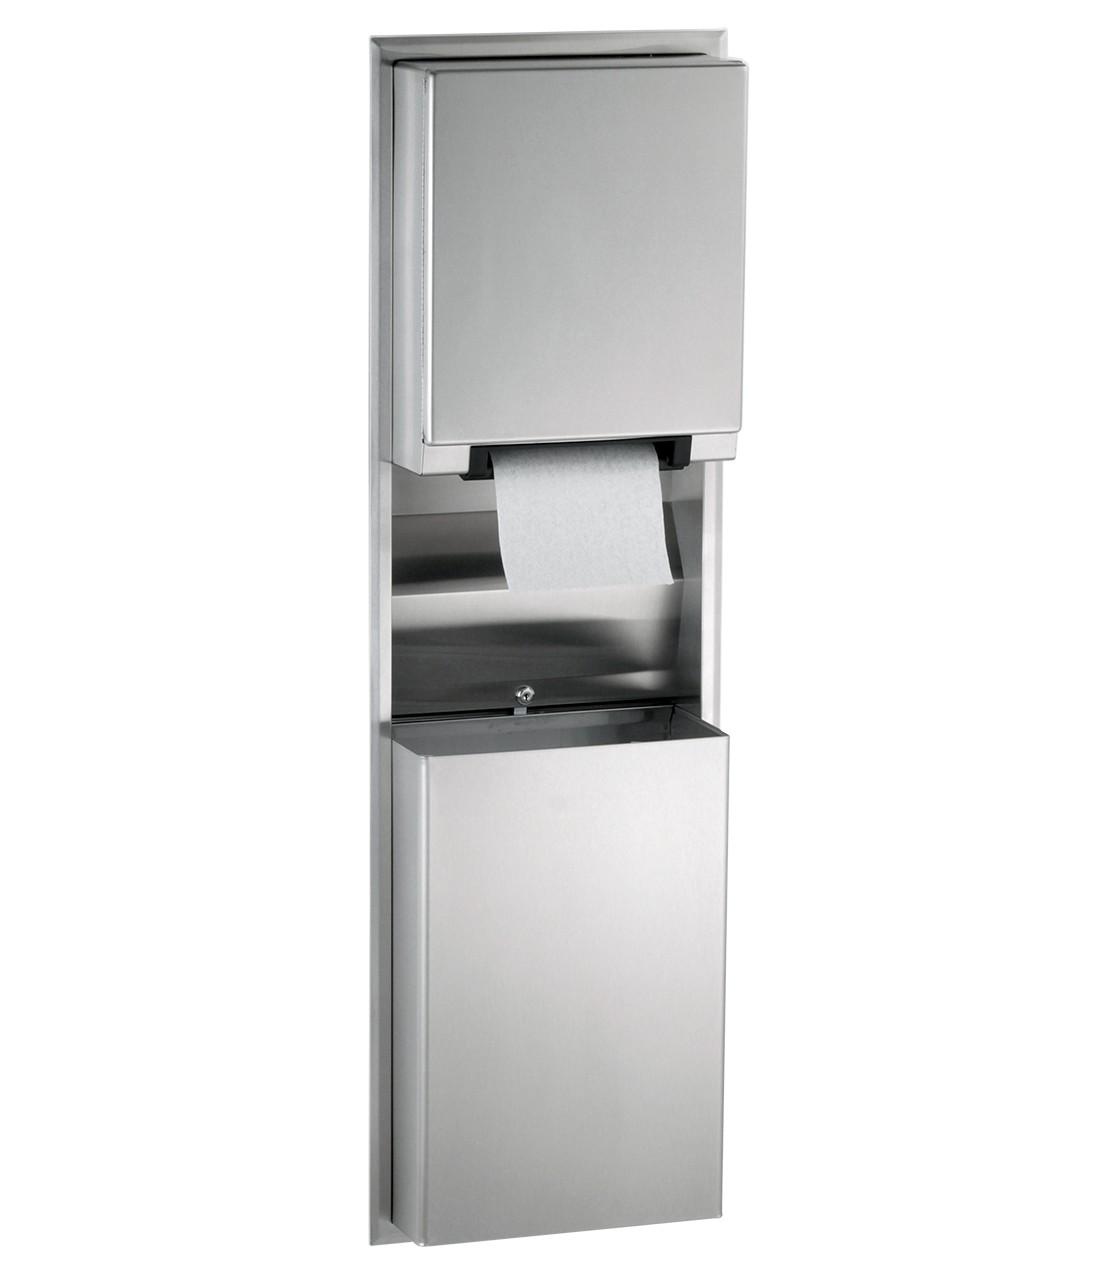 Bobrick Model B 3974 Paper Towel Dispenser Waste